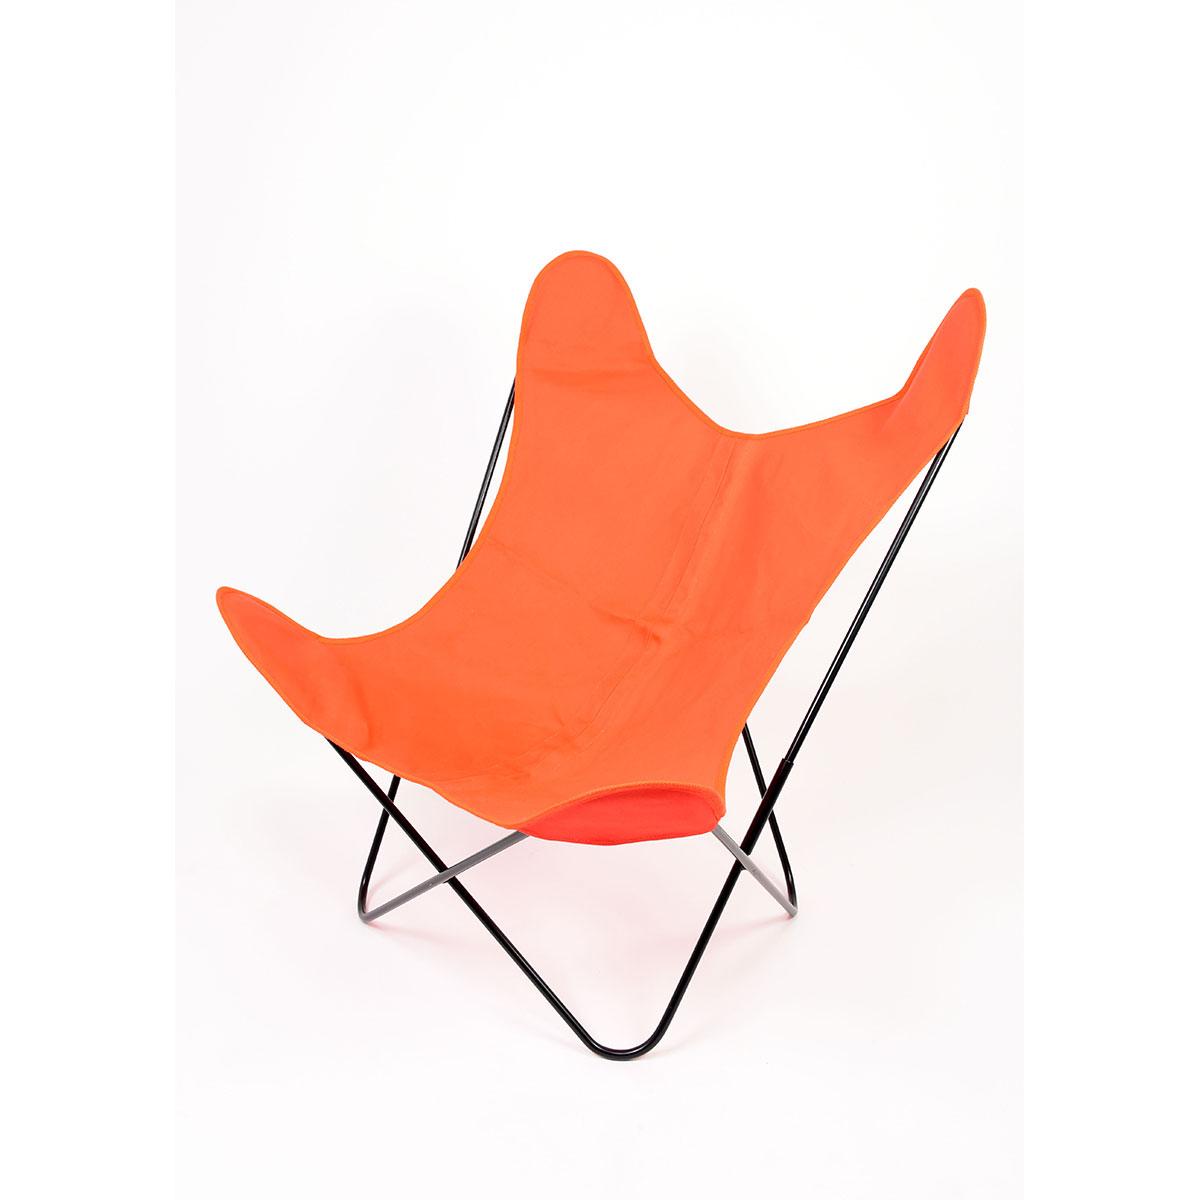 Fauteuil Papillon en coton coloré - Orange